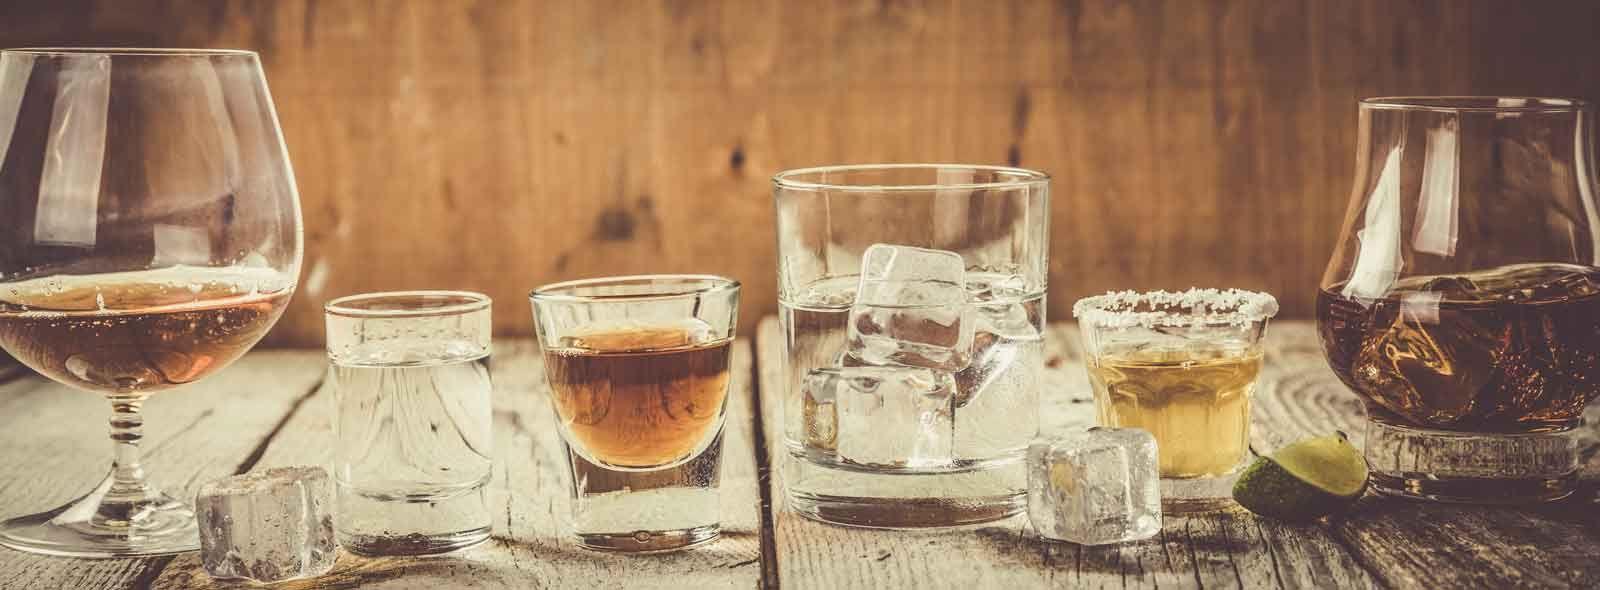 Giochi per bere: il gioco dell'oca alcolico